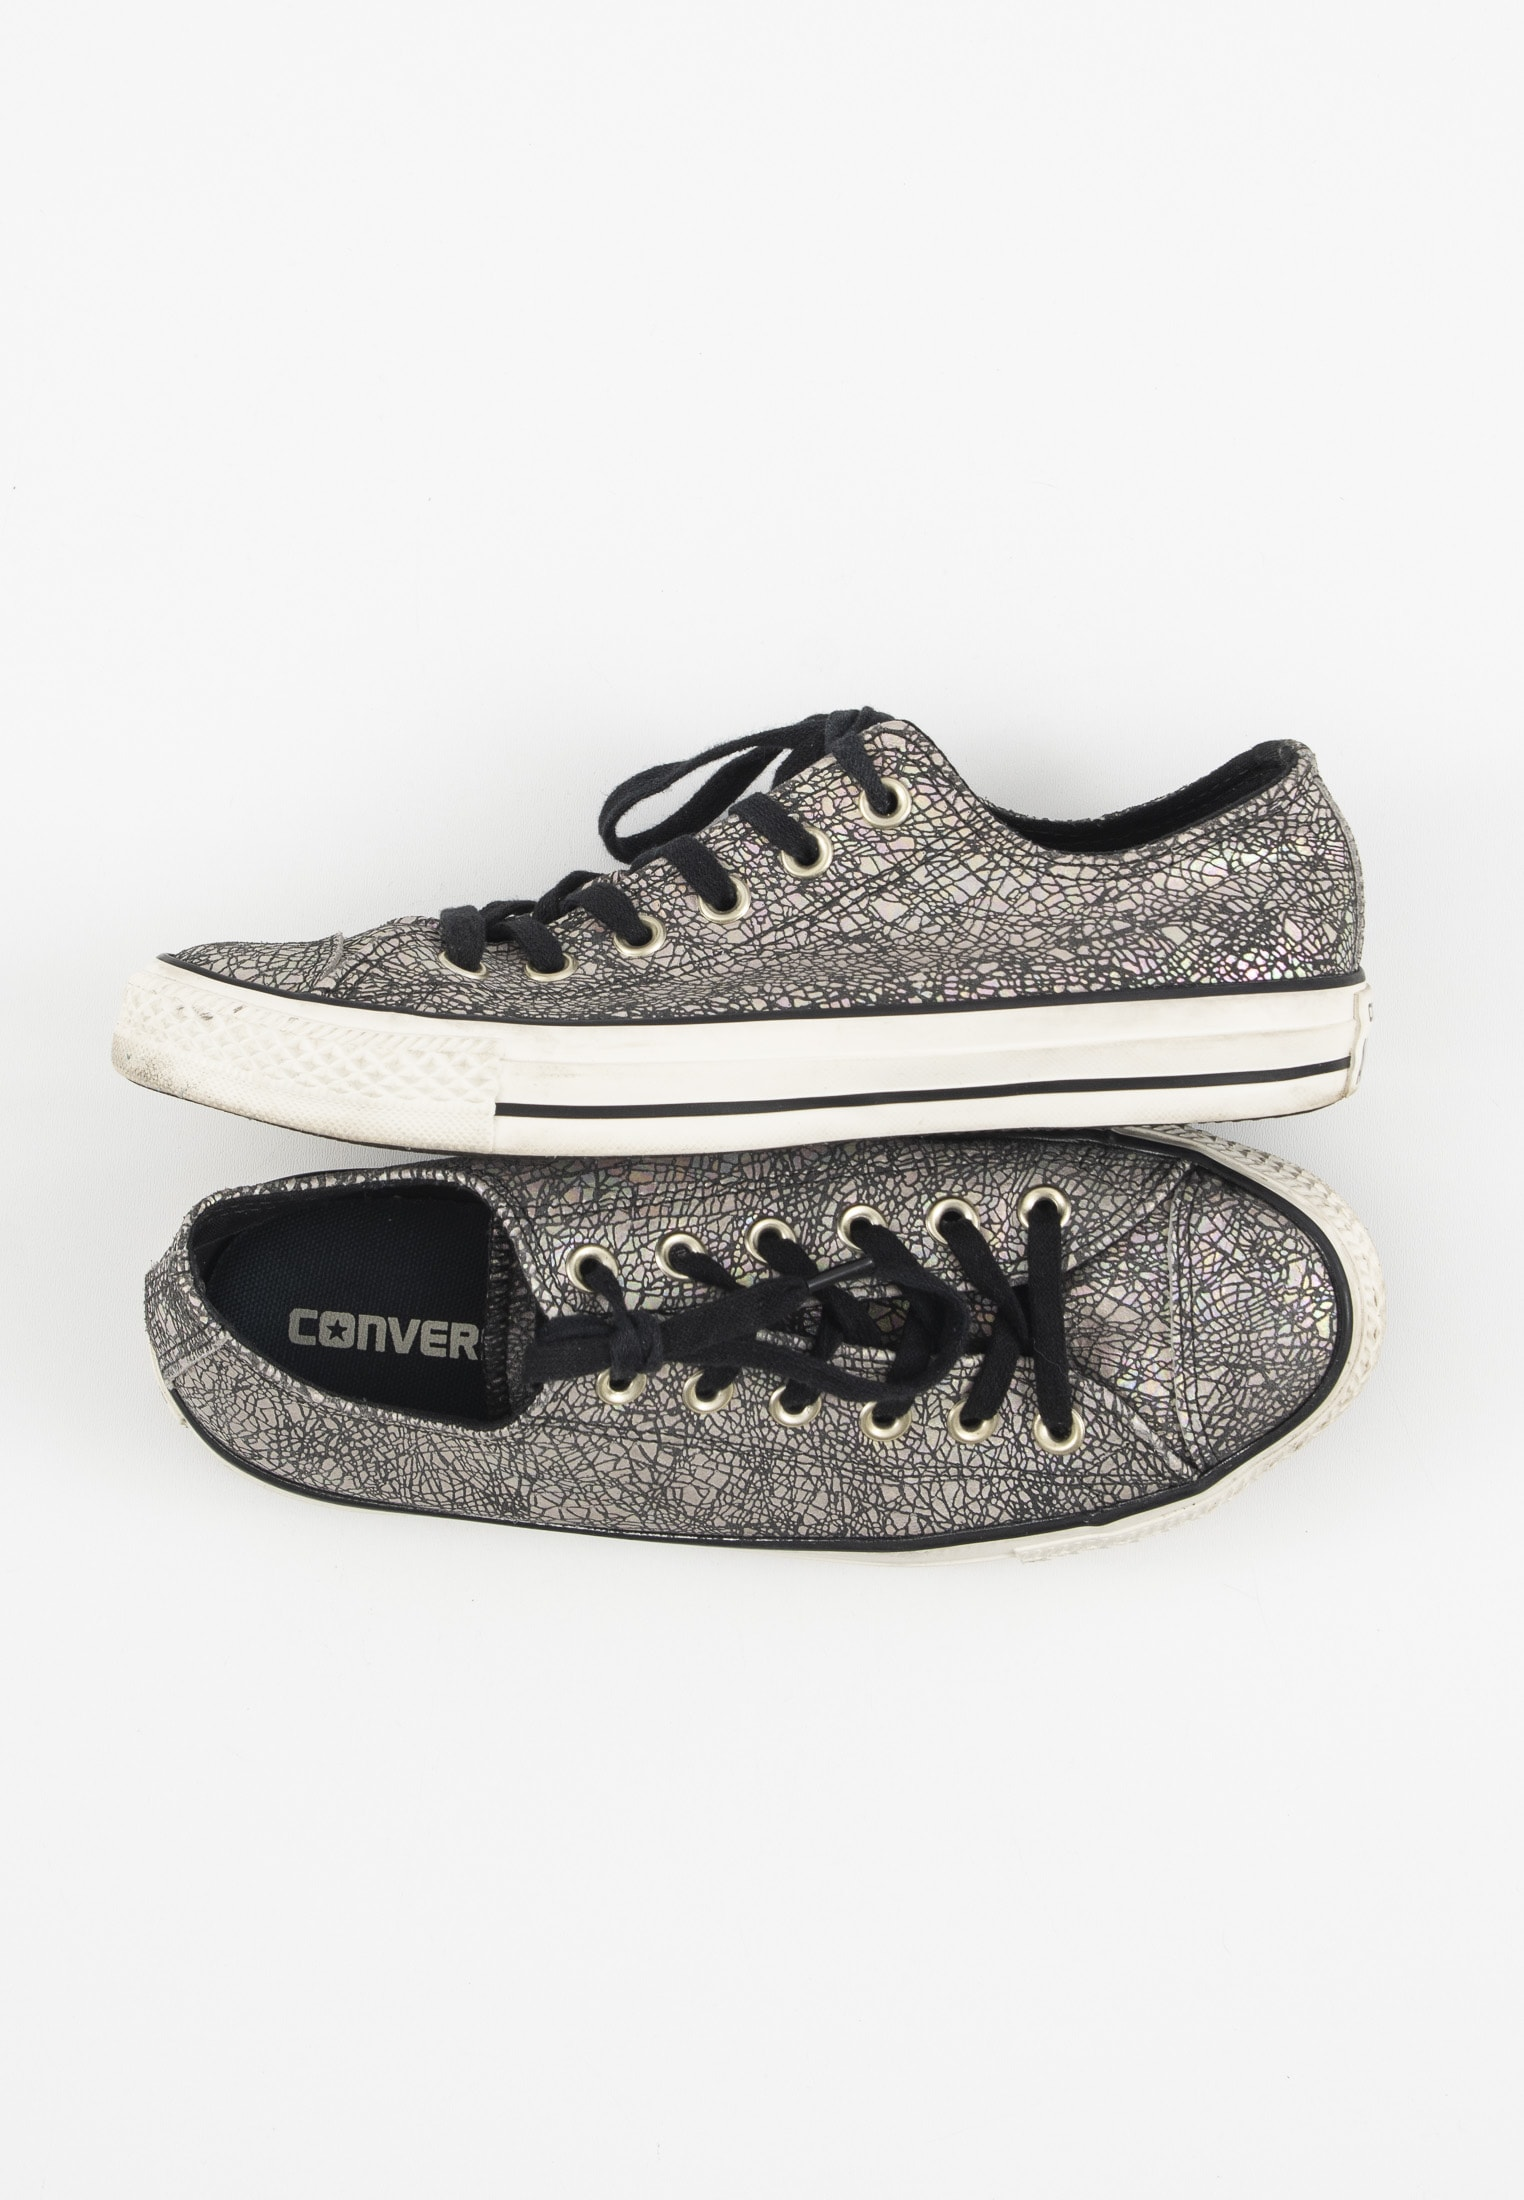 Converse Sneakers Grau Gr.39